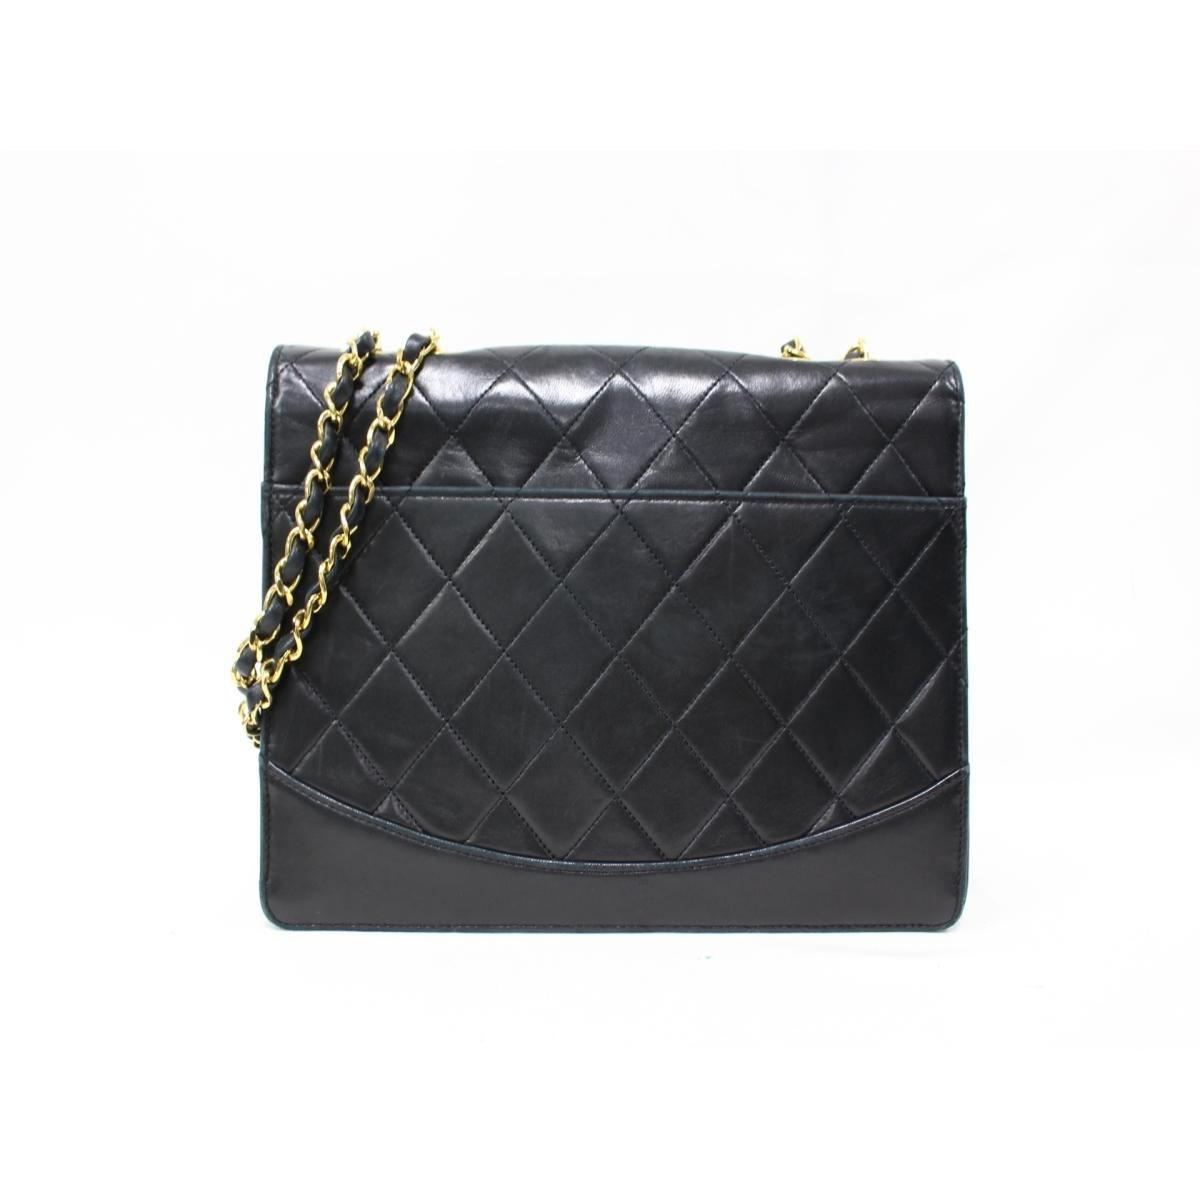 de40257d35a4c0 Lyst - Chanel Authentic Matelasse Chain Shoulder Bag Sheep Leather ...